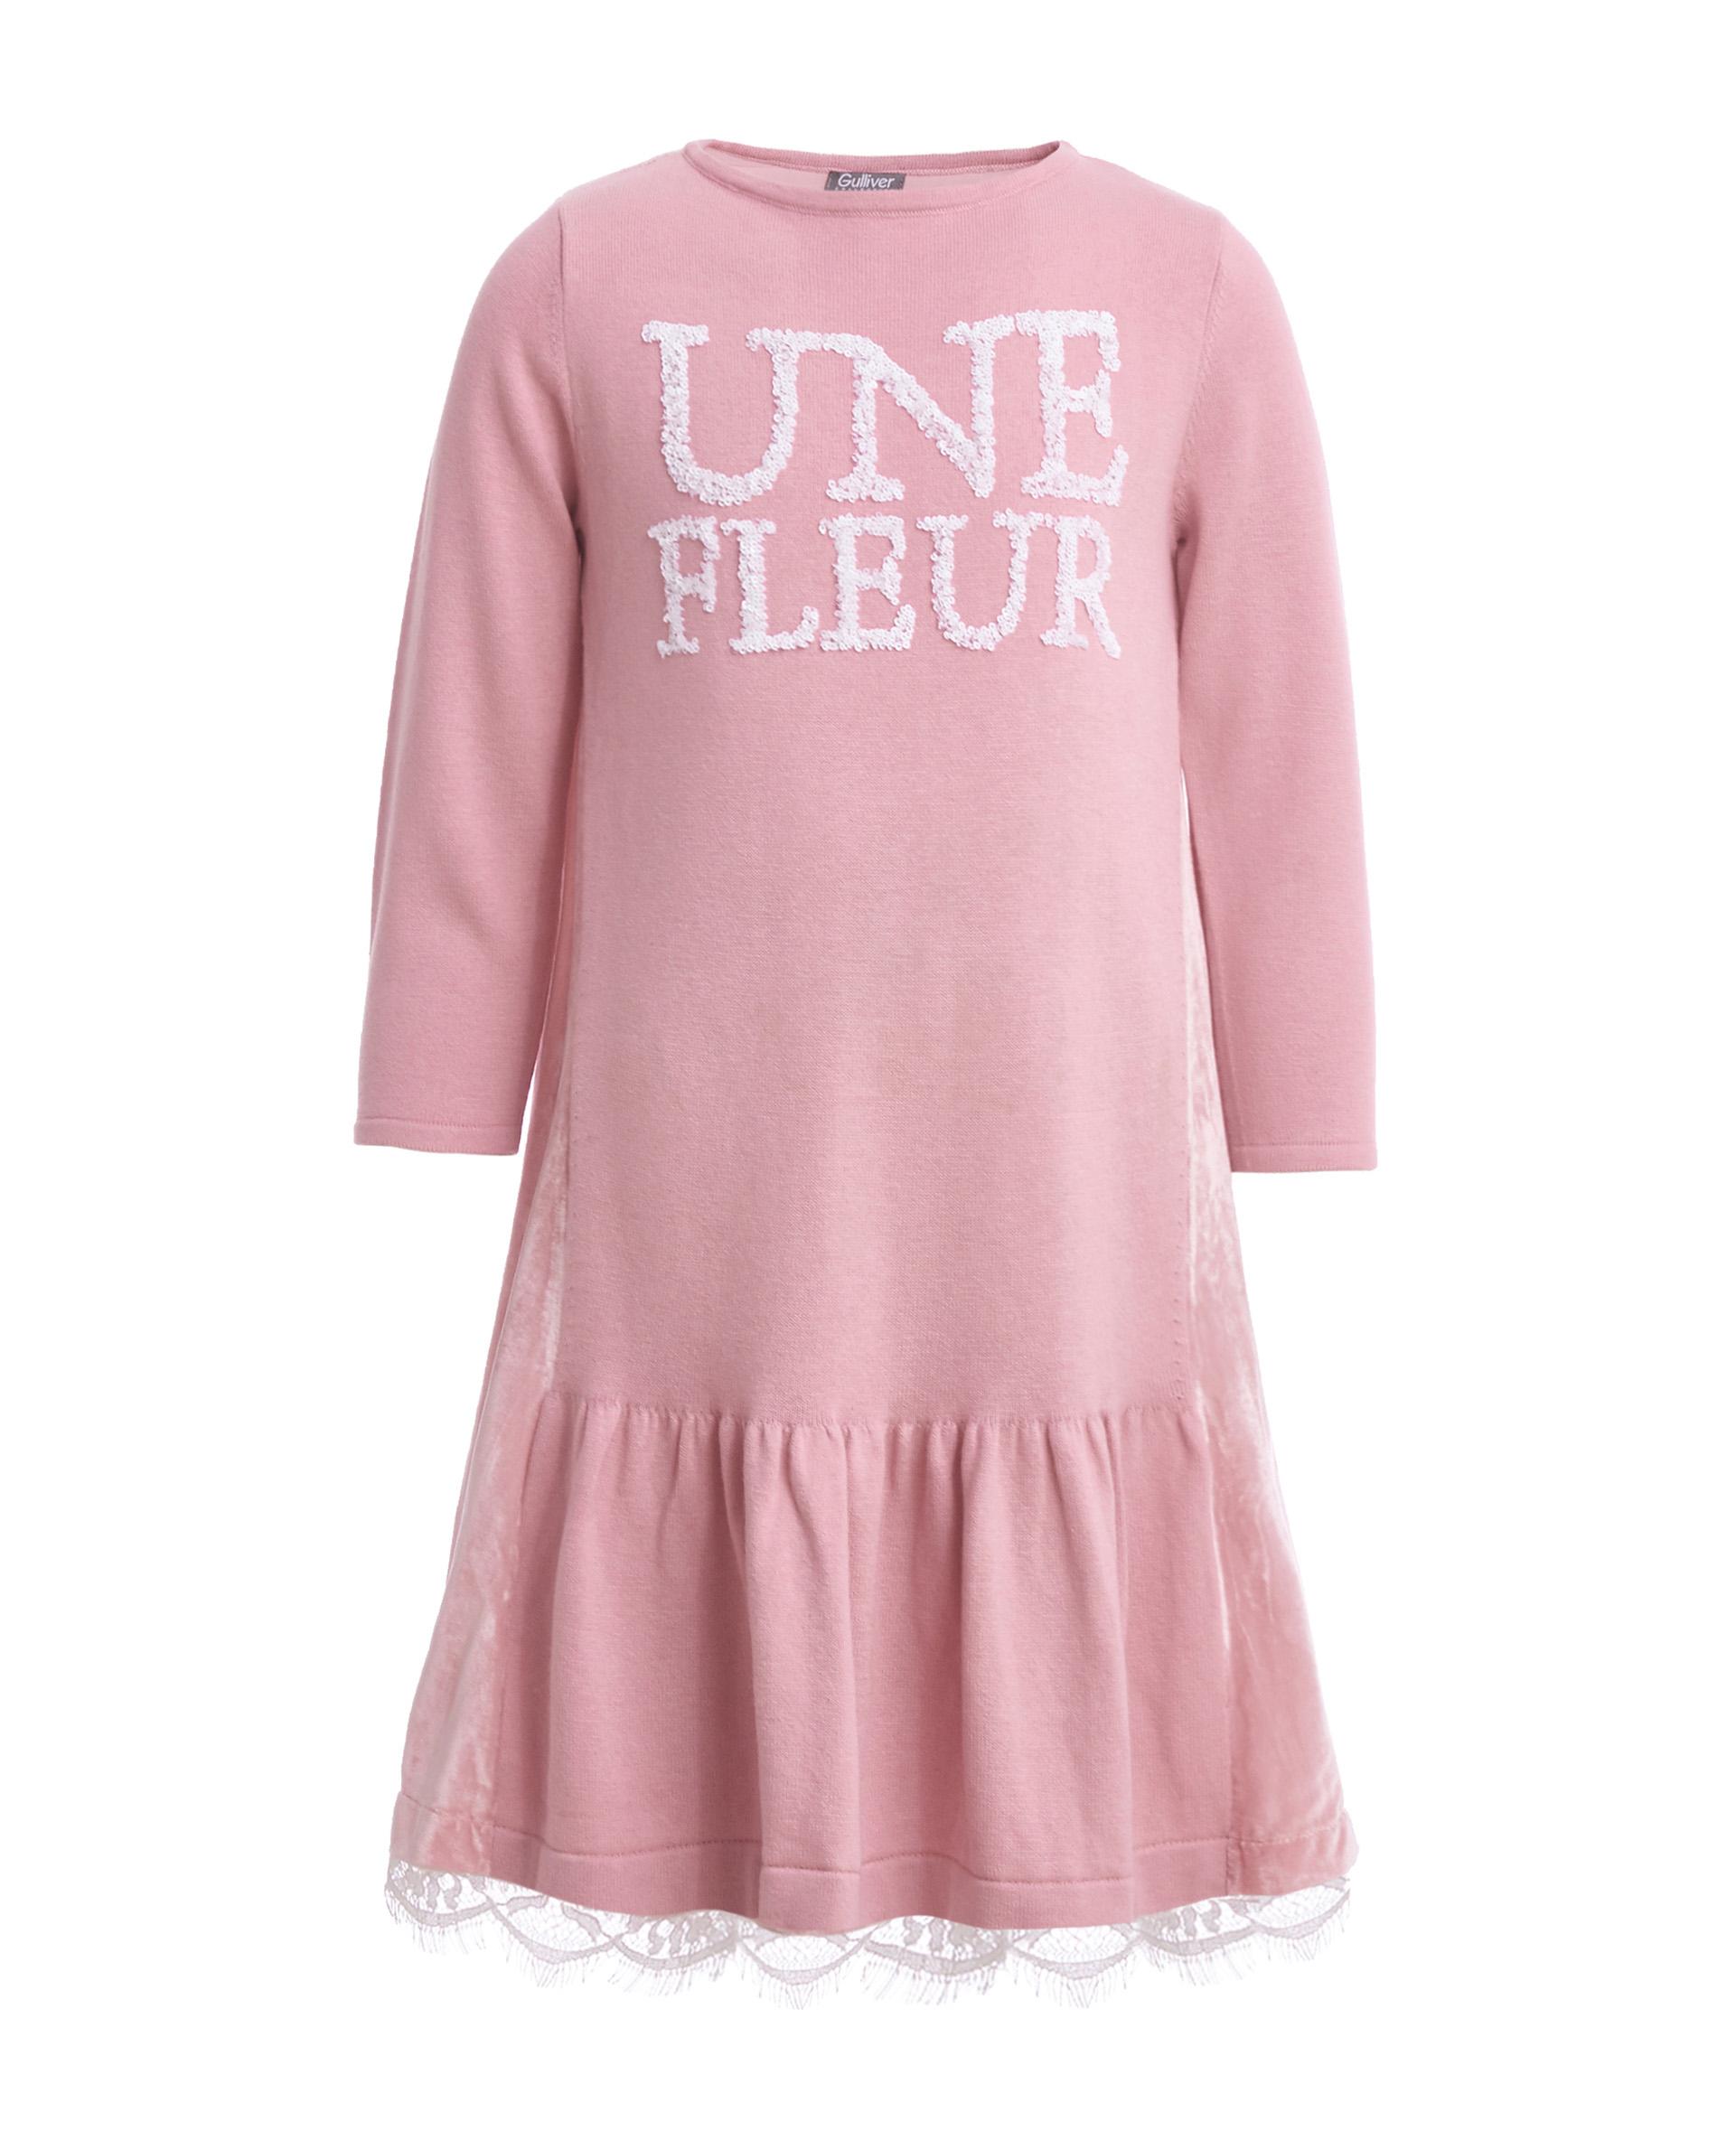 Купить 21907GJC3601, Розовое платье Gulliver, розовый, 146, Женский, ОСЕНЬ/ЗИМА 2019-2020 (shop: GulliverMarket Gulliver Market)